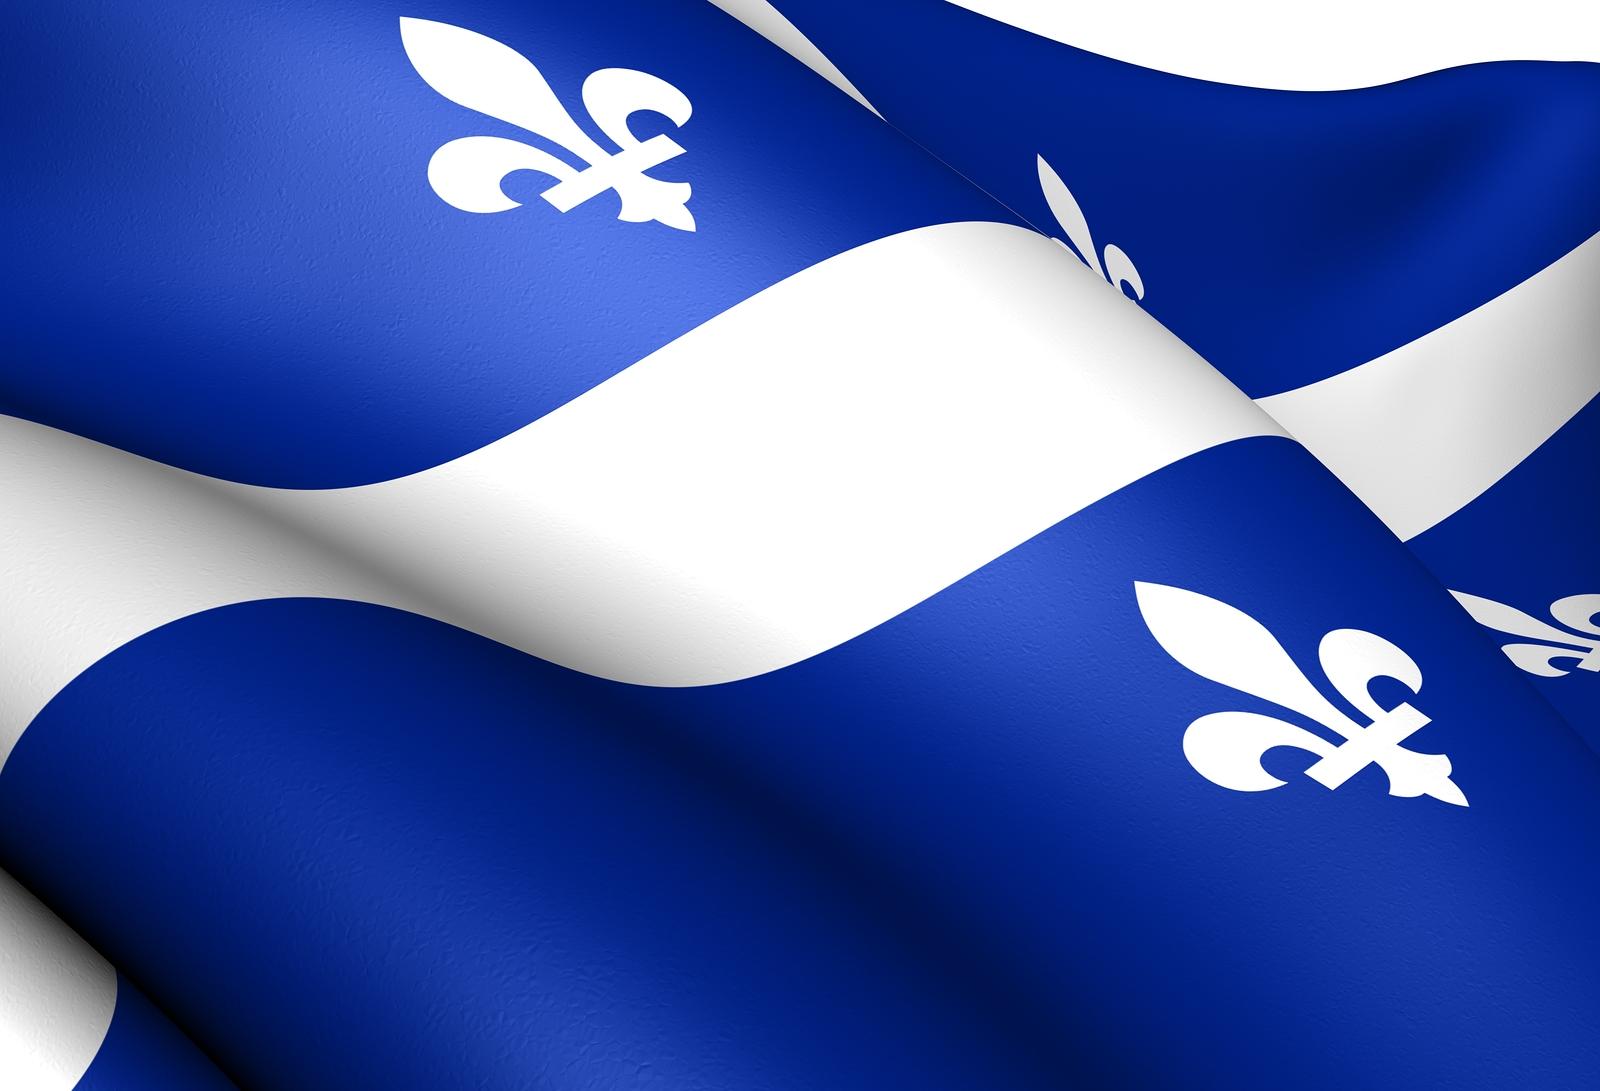 Flag Of Quebec 123visa Immigration Services